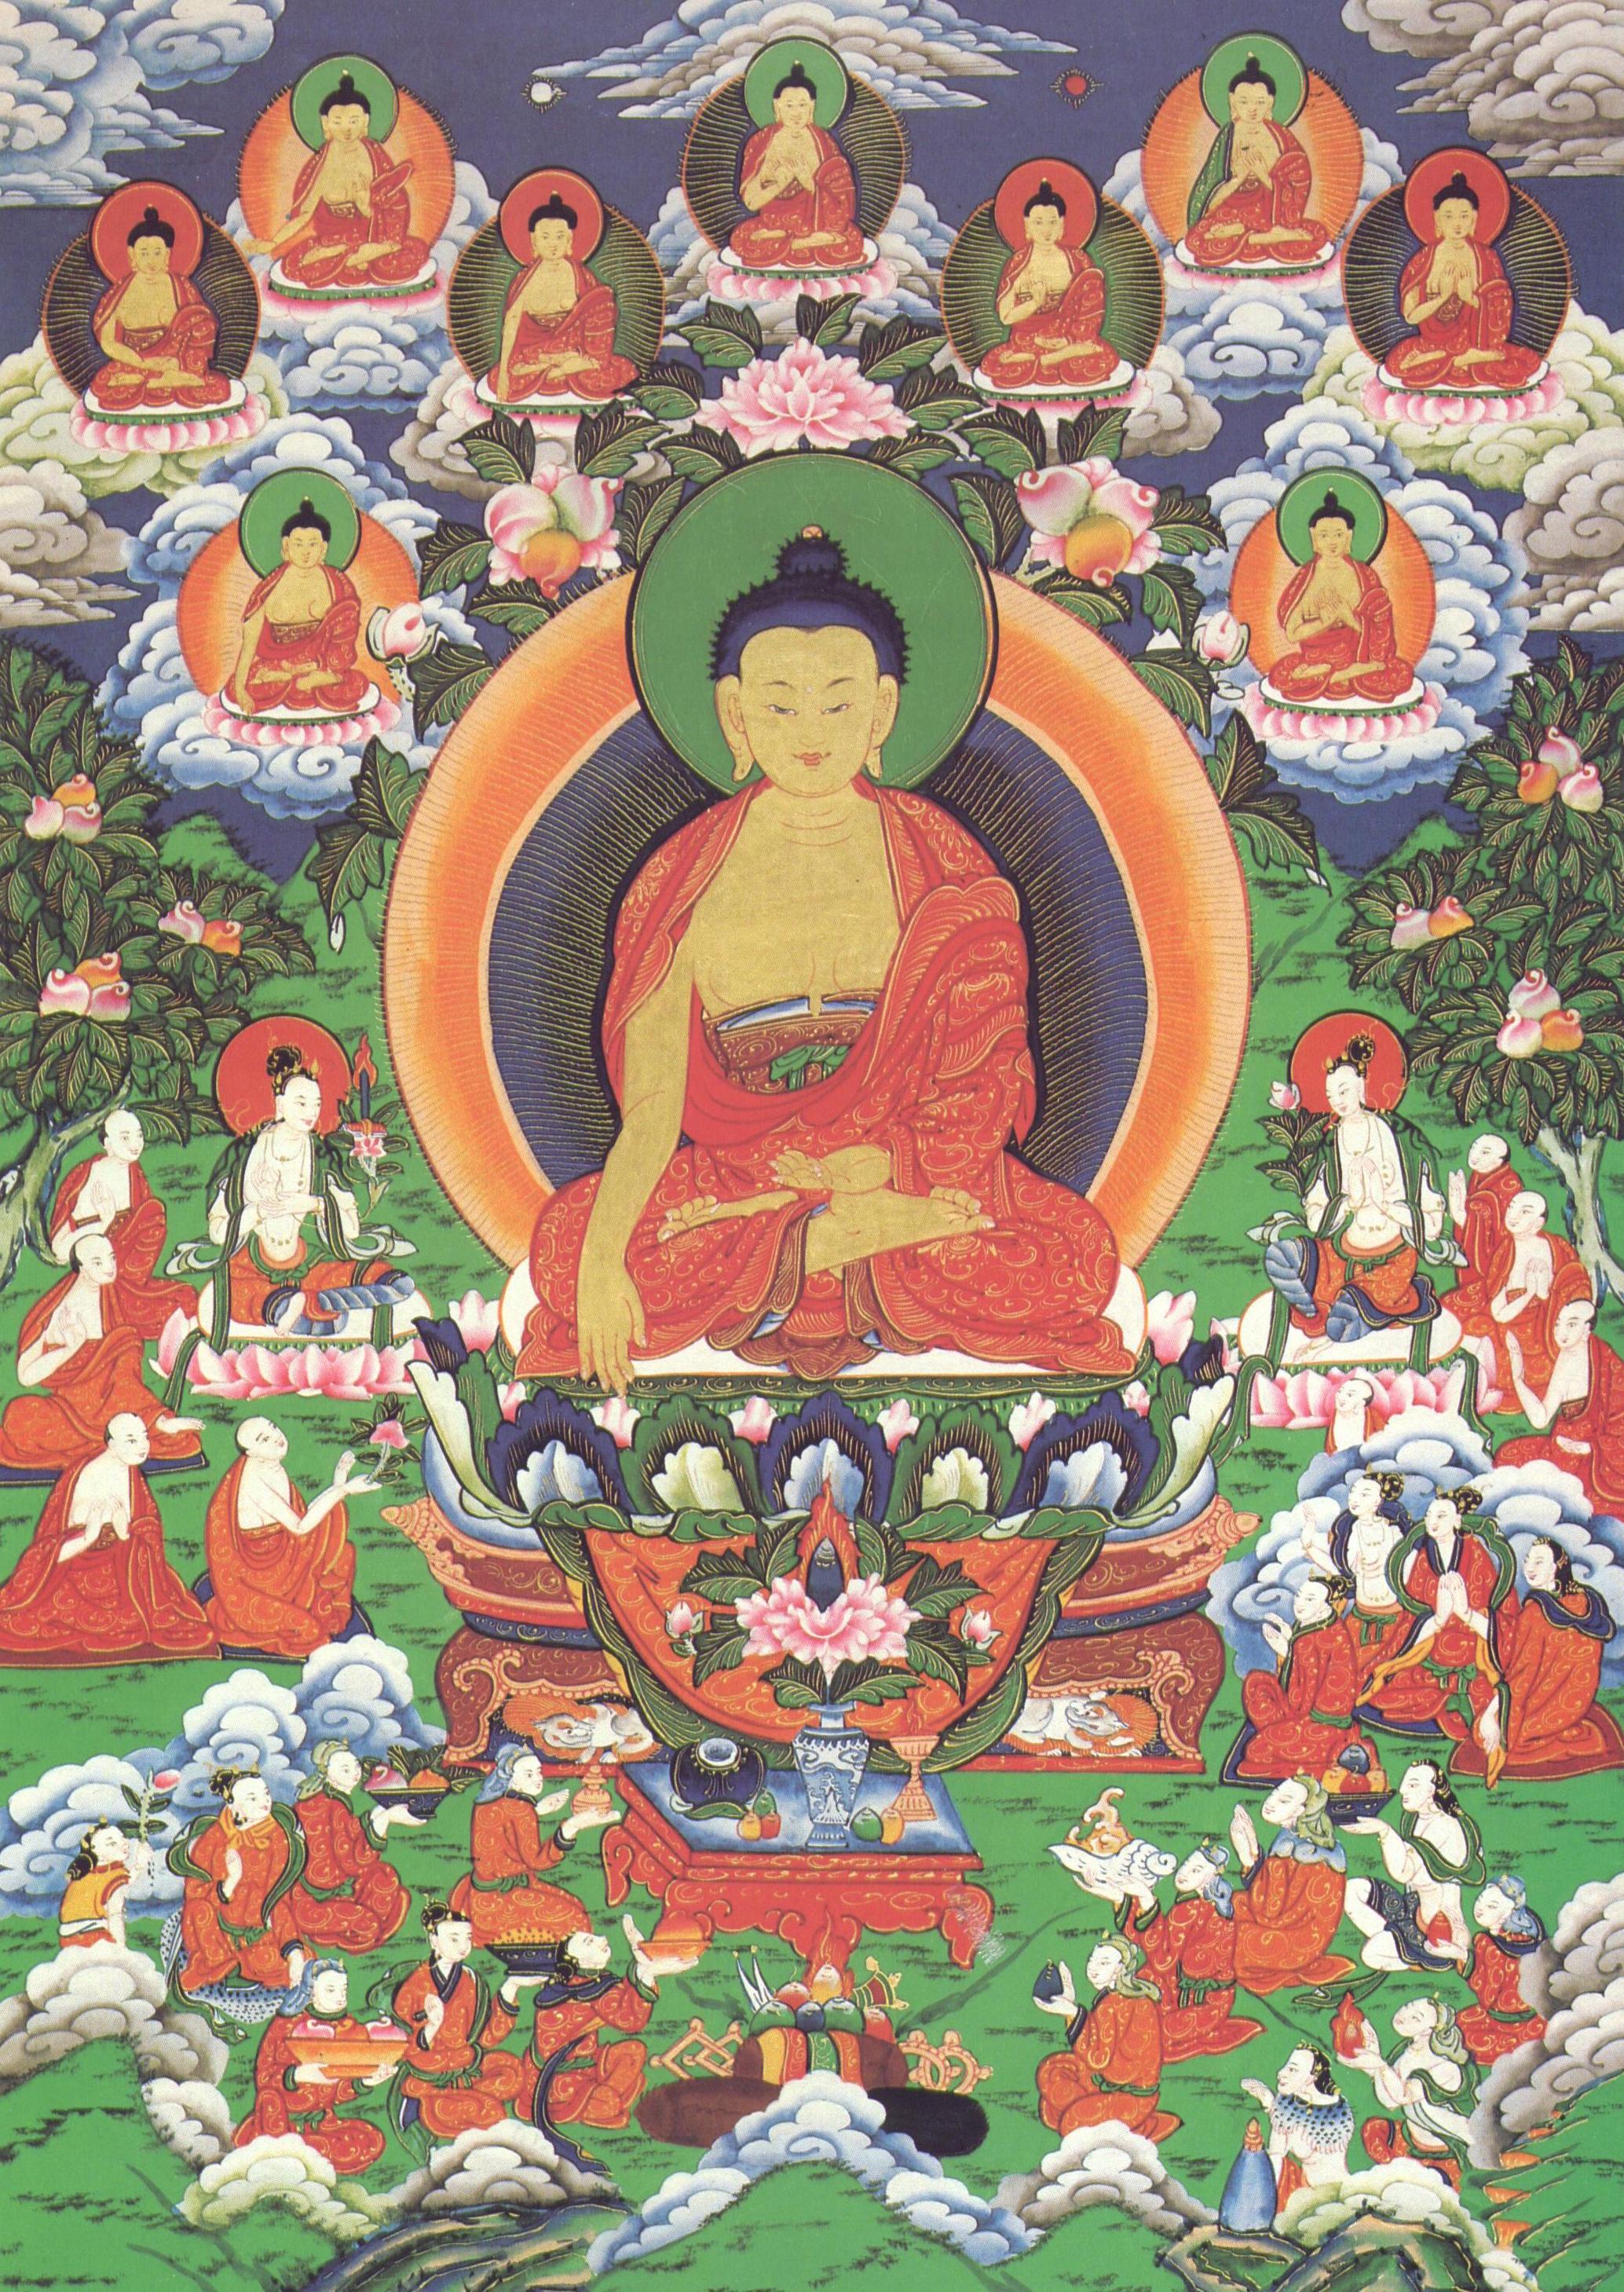 Dhammapada 252: L'errore degli altri è facile da vedere, non così il proprio.